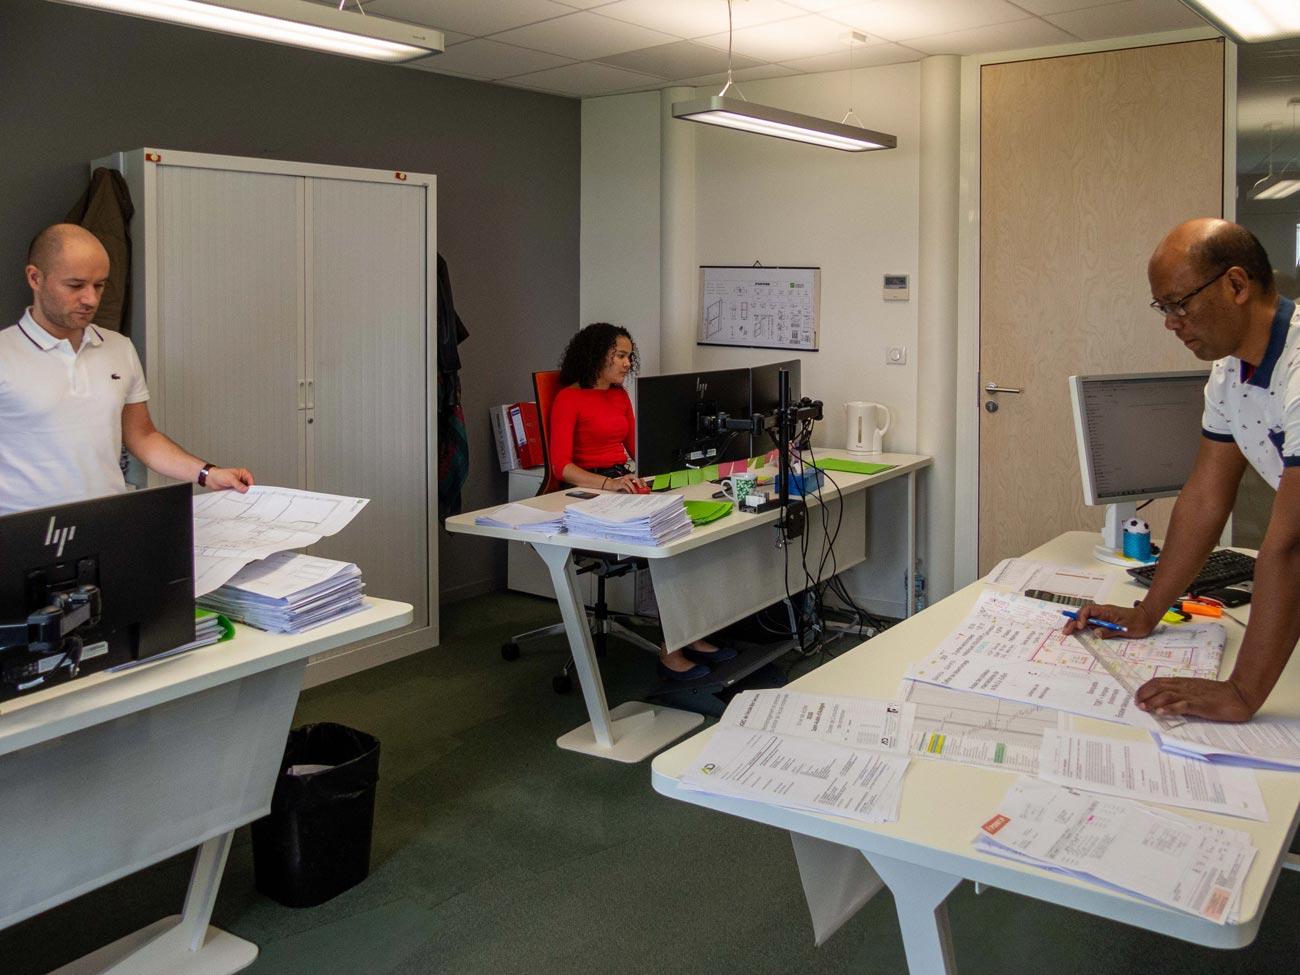 Nos Moyens Bureau D Etudes Langlois Sobreti Rennes 06 2019